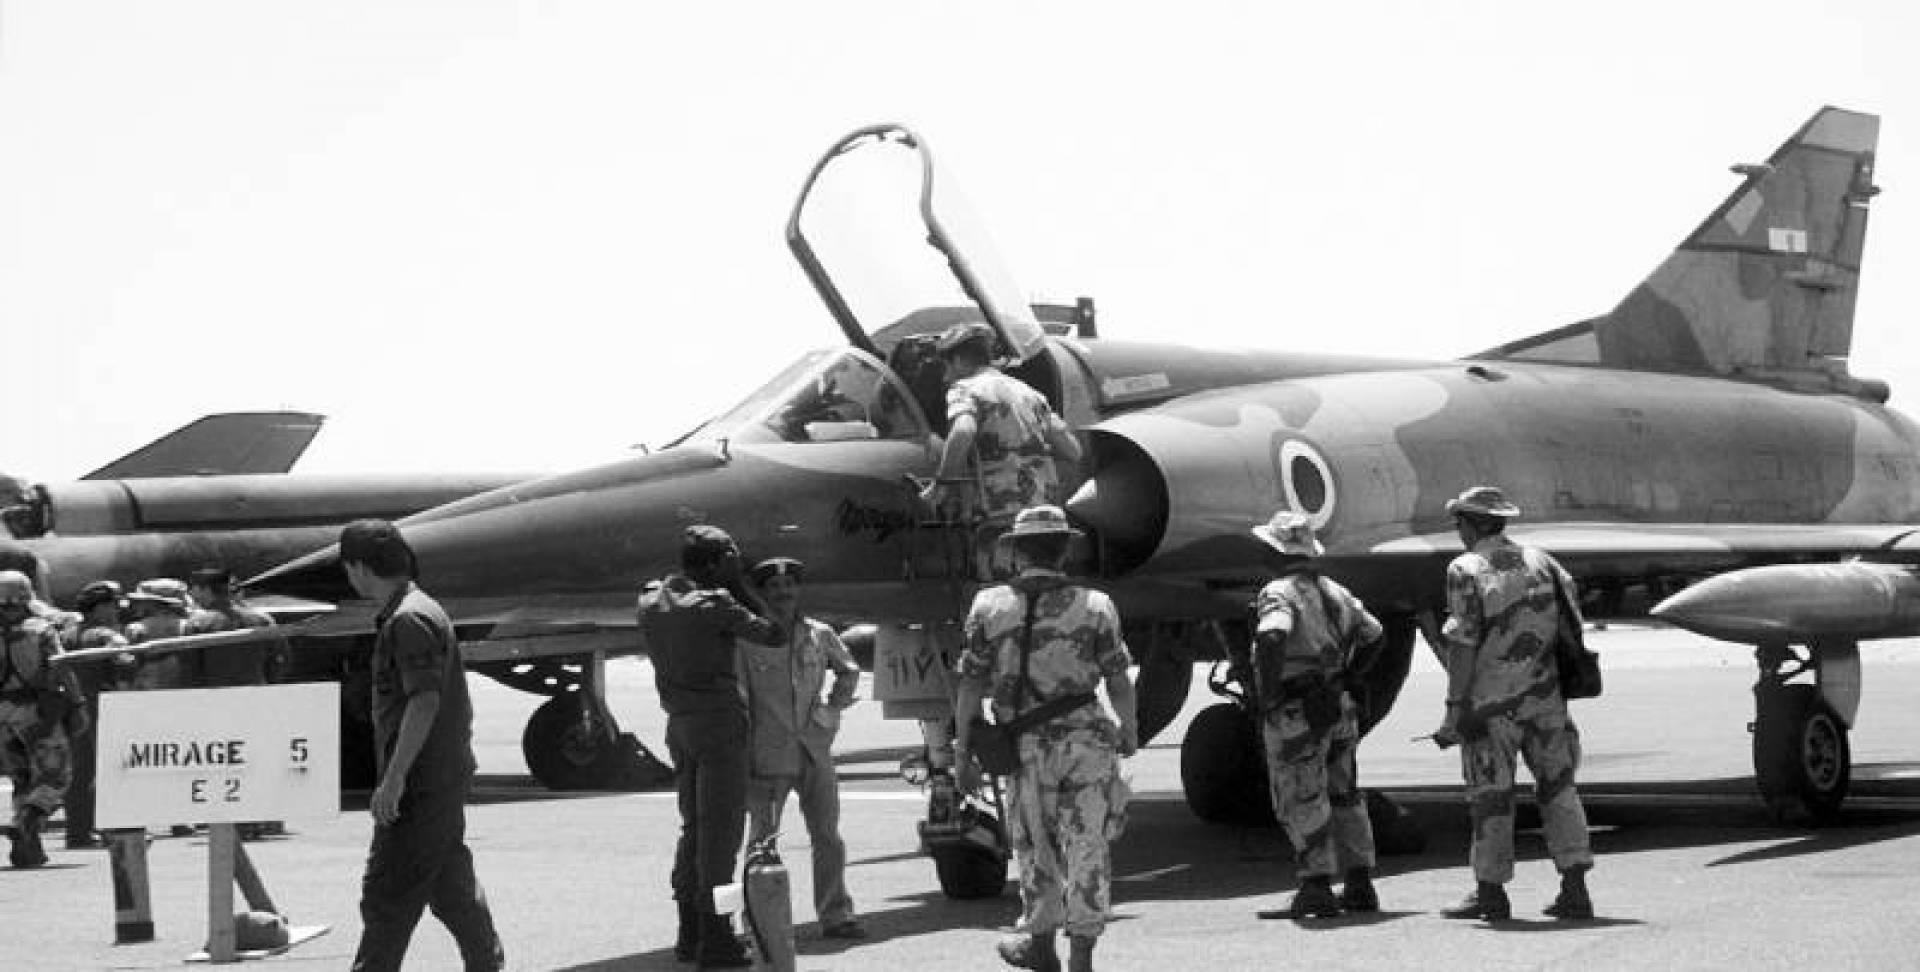 1974| بعد بيعها بشكل سري عبر وسيط خليجي.. طائرات ميراج فرنسية تخدم في سلاح الطيران المصري